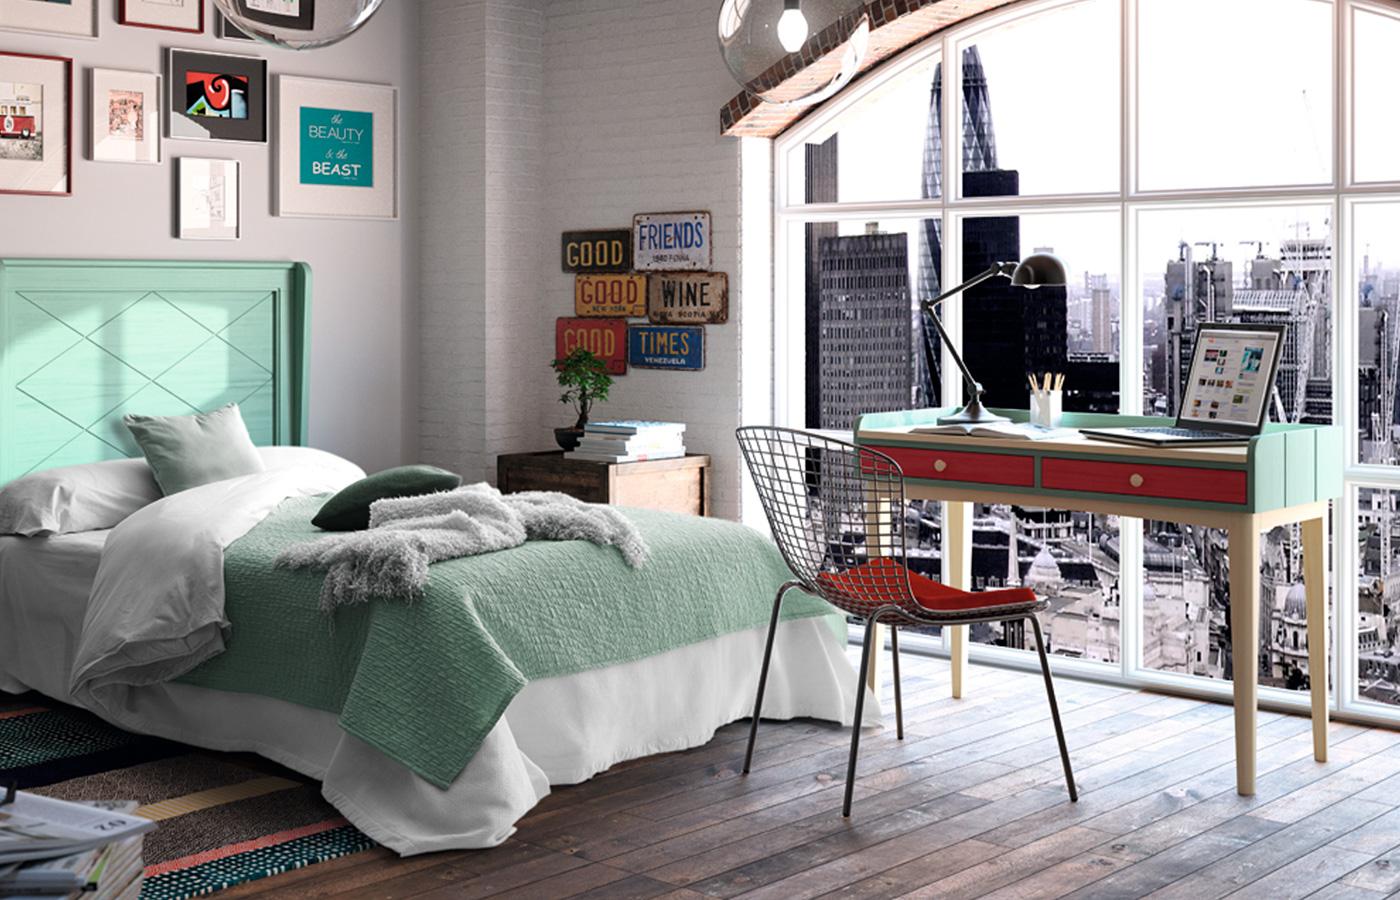 Dormitorio juvenil estilo vintage muebles toscana for Muebles dormitorio vintage